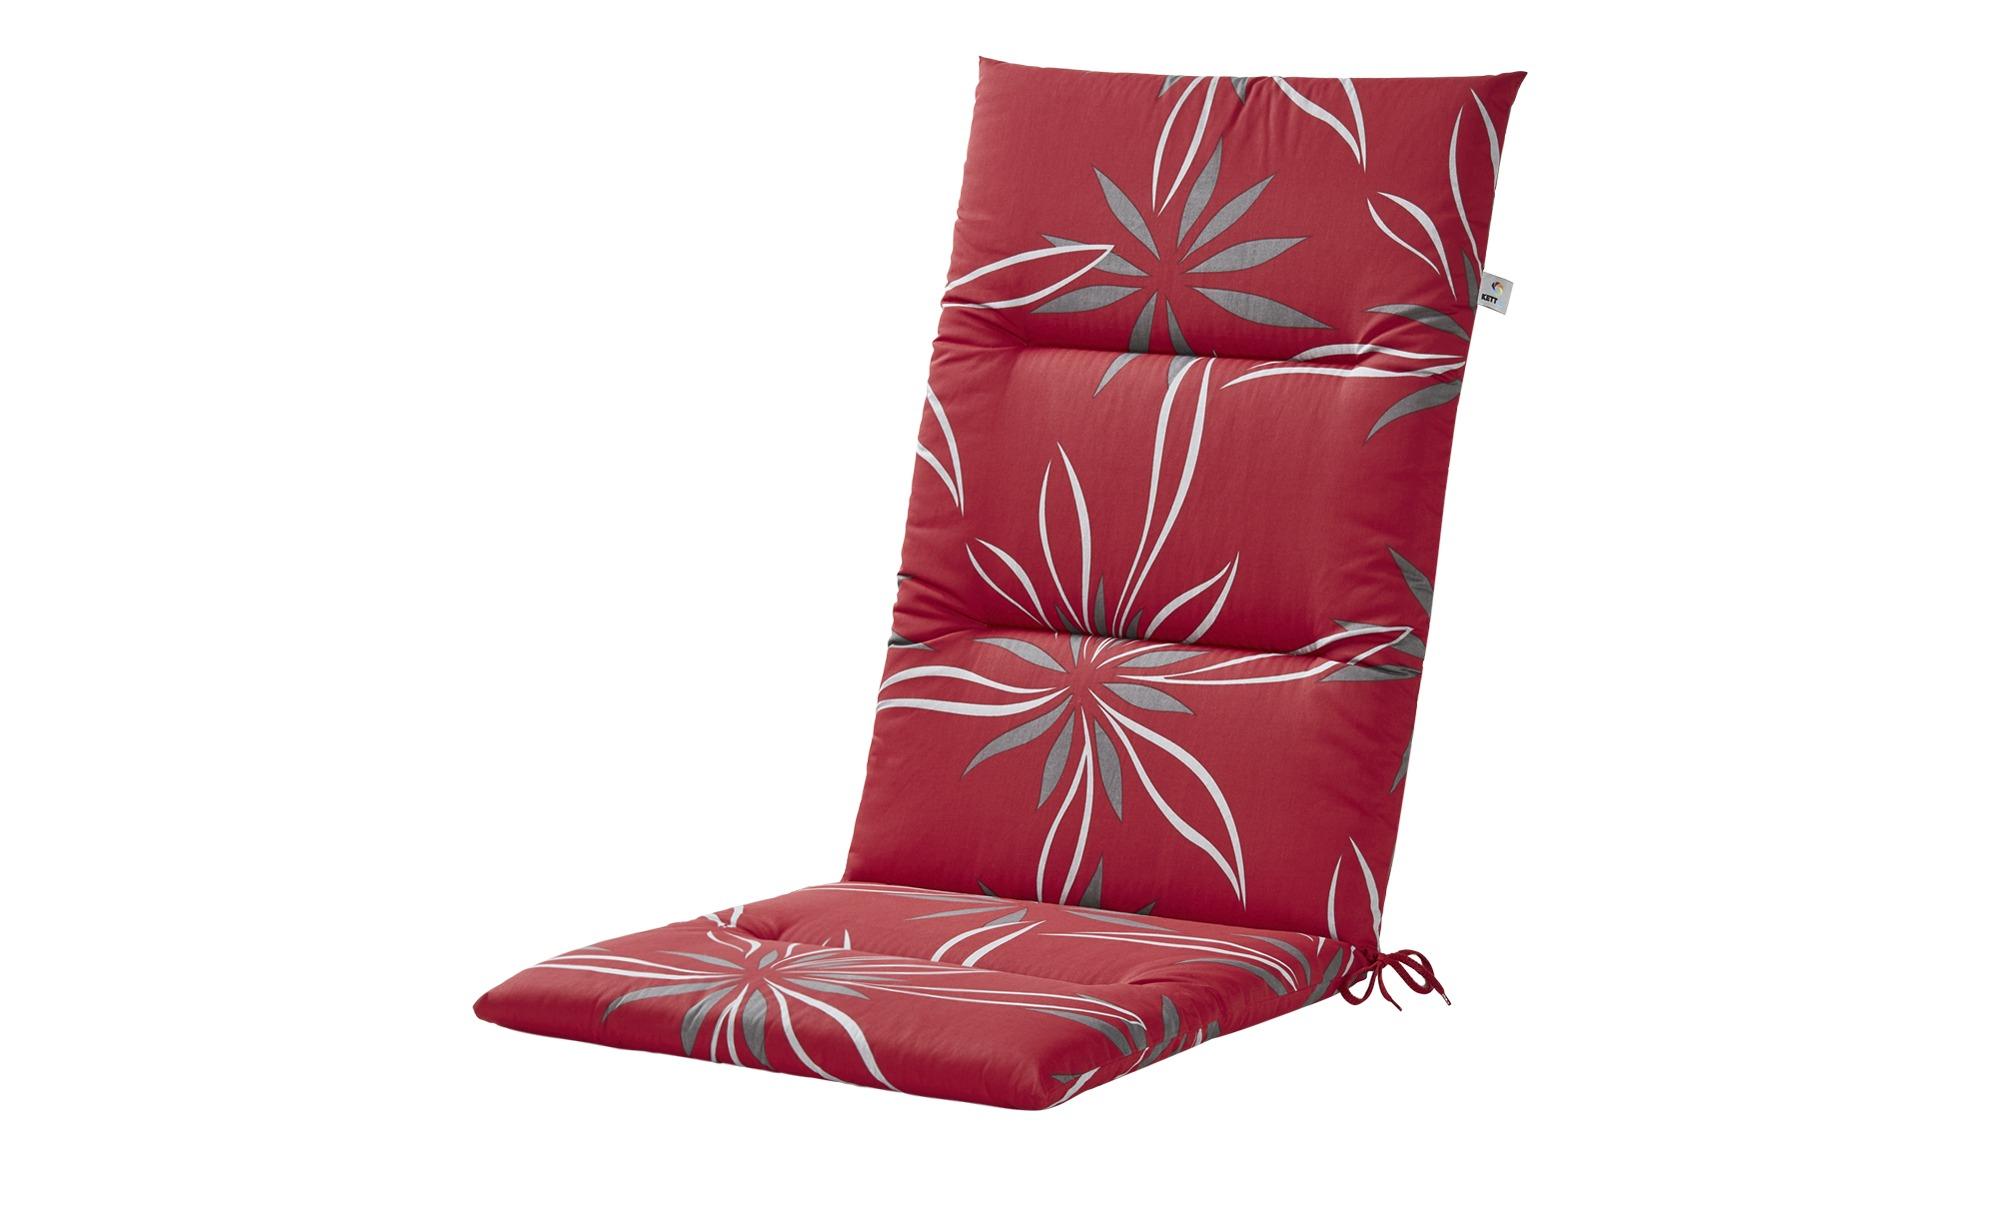 KETTLER Polska Auflagenserie  Red Bloom Alutex ¦ rot ¦ Maße (cm): B: 50 H: 4 Garten > Auflagen & Kissen > Hochlehner-Auflagen - Höffner